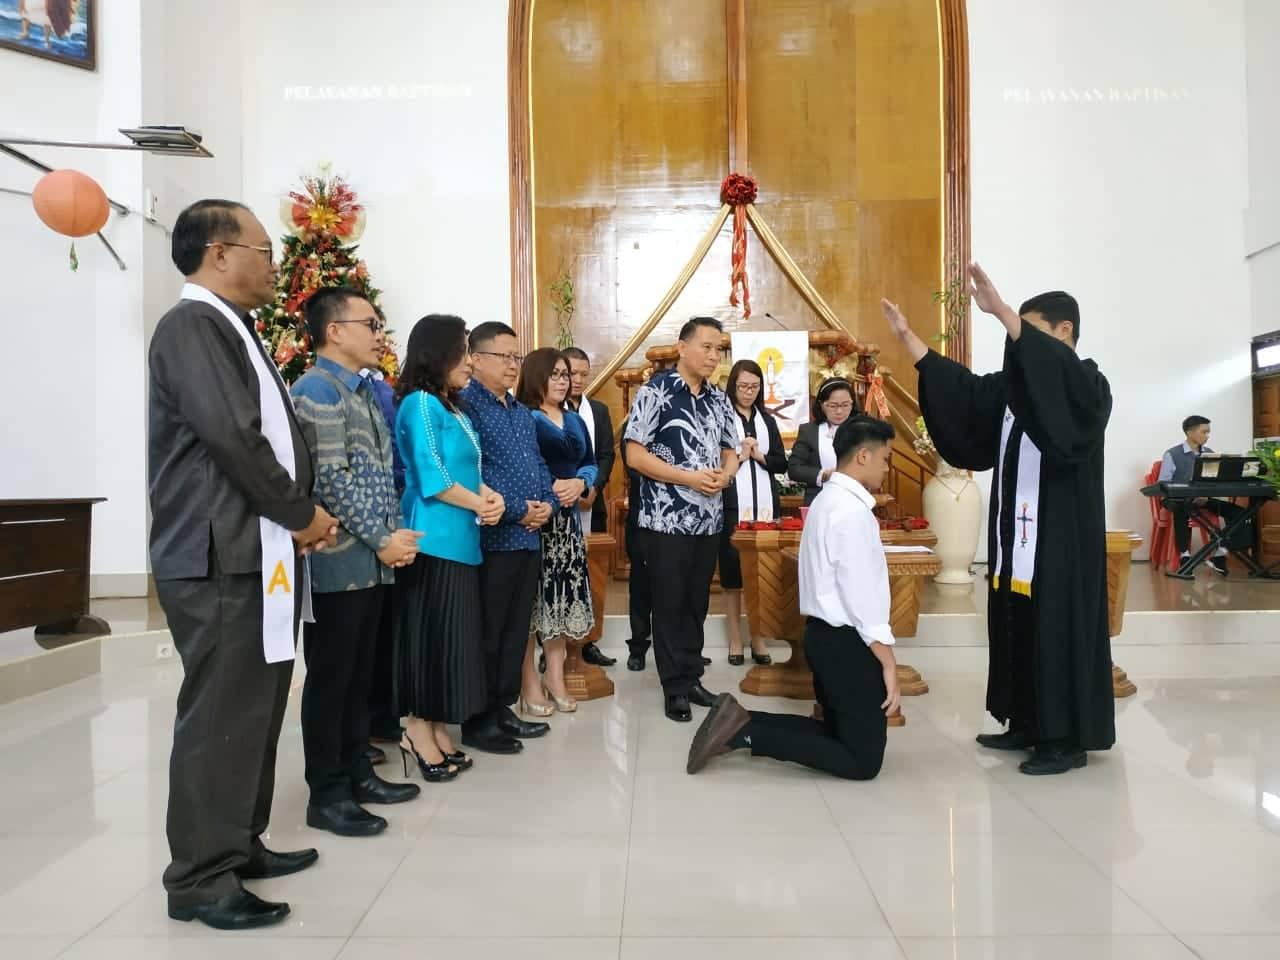 Wali Kota Tomohon menjadi orang tua baptis